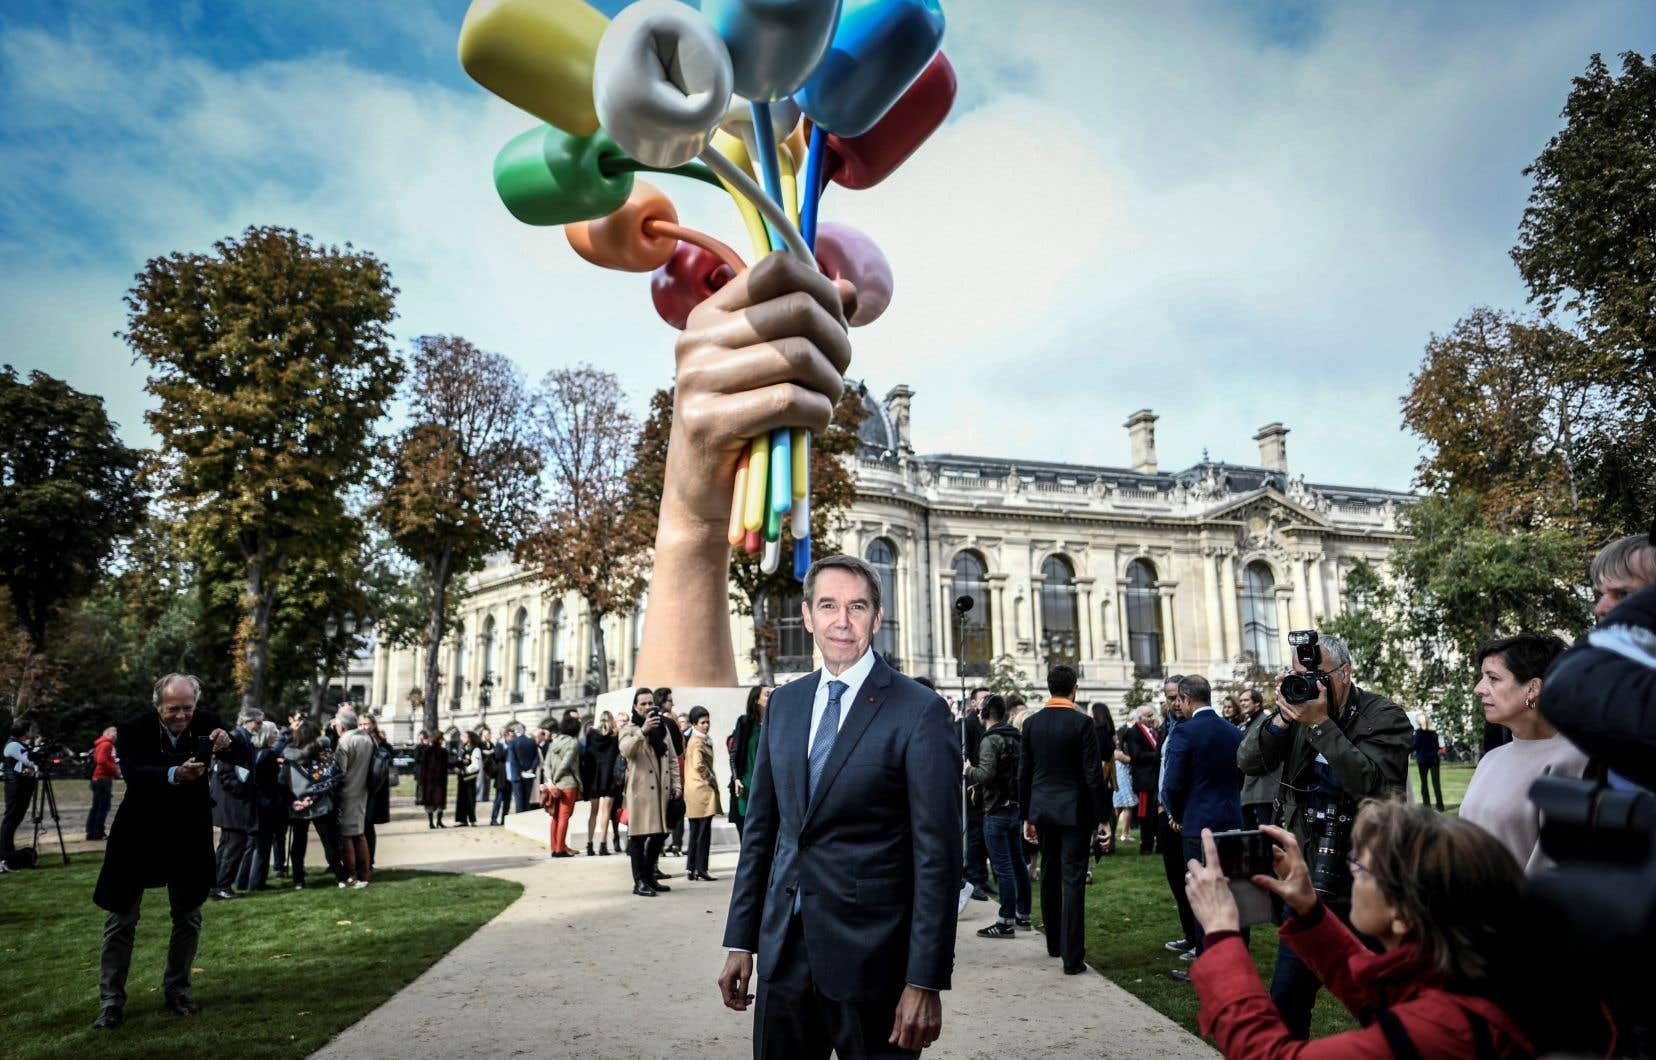 L'artiste américain Jeff Koons a posé devant son oeuvre installée derrière le Petit palais, près des Champs-Élysées.